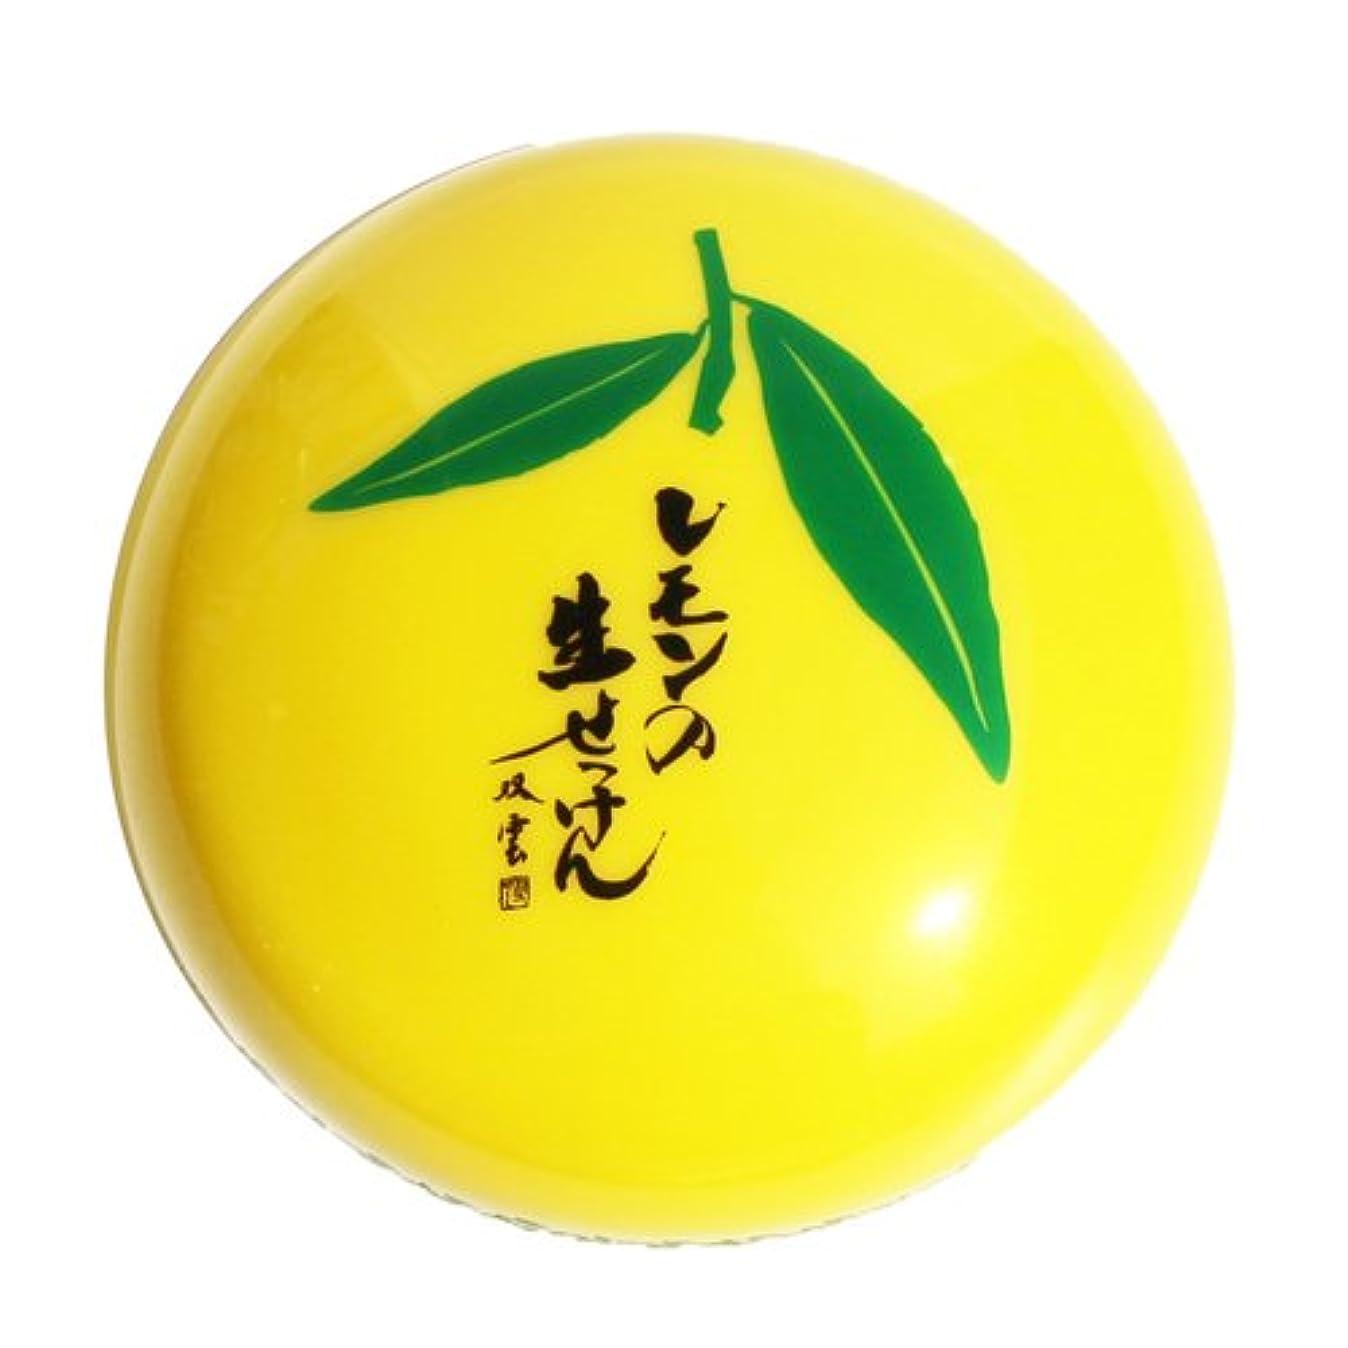 論理音復讐美香柑 レモンの生せっけん 120g